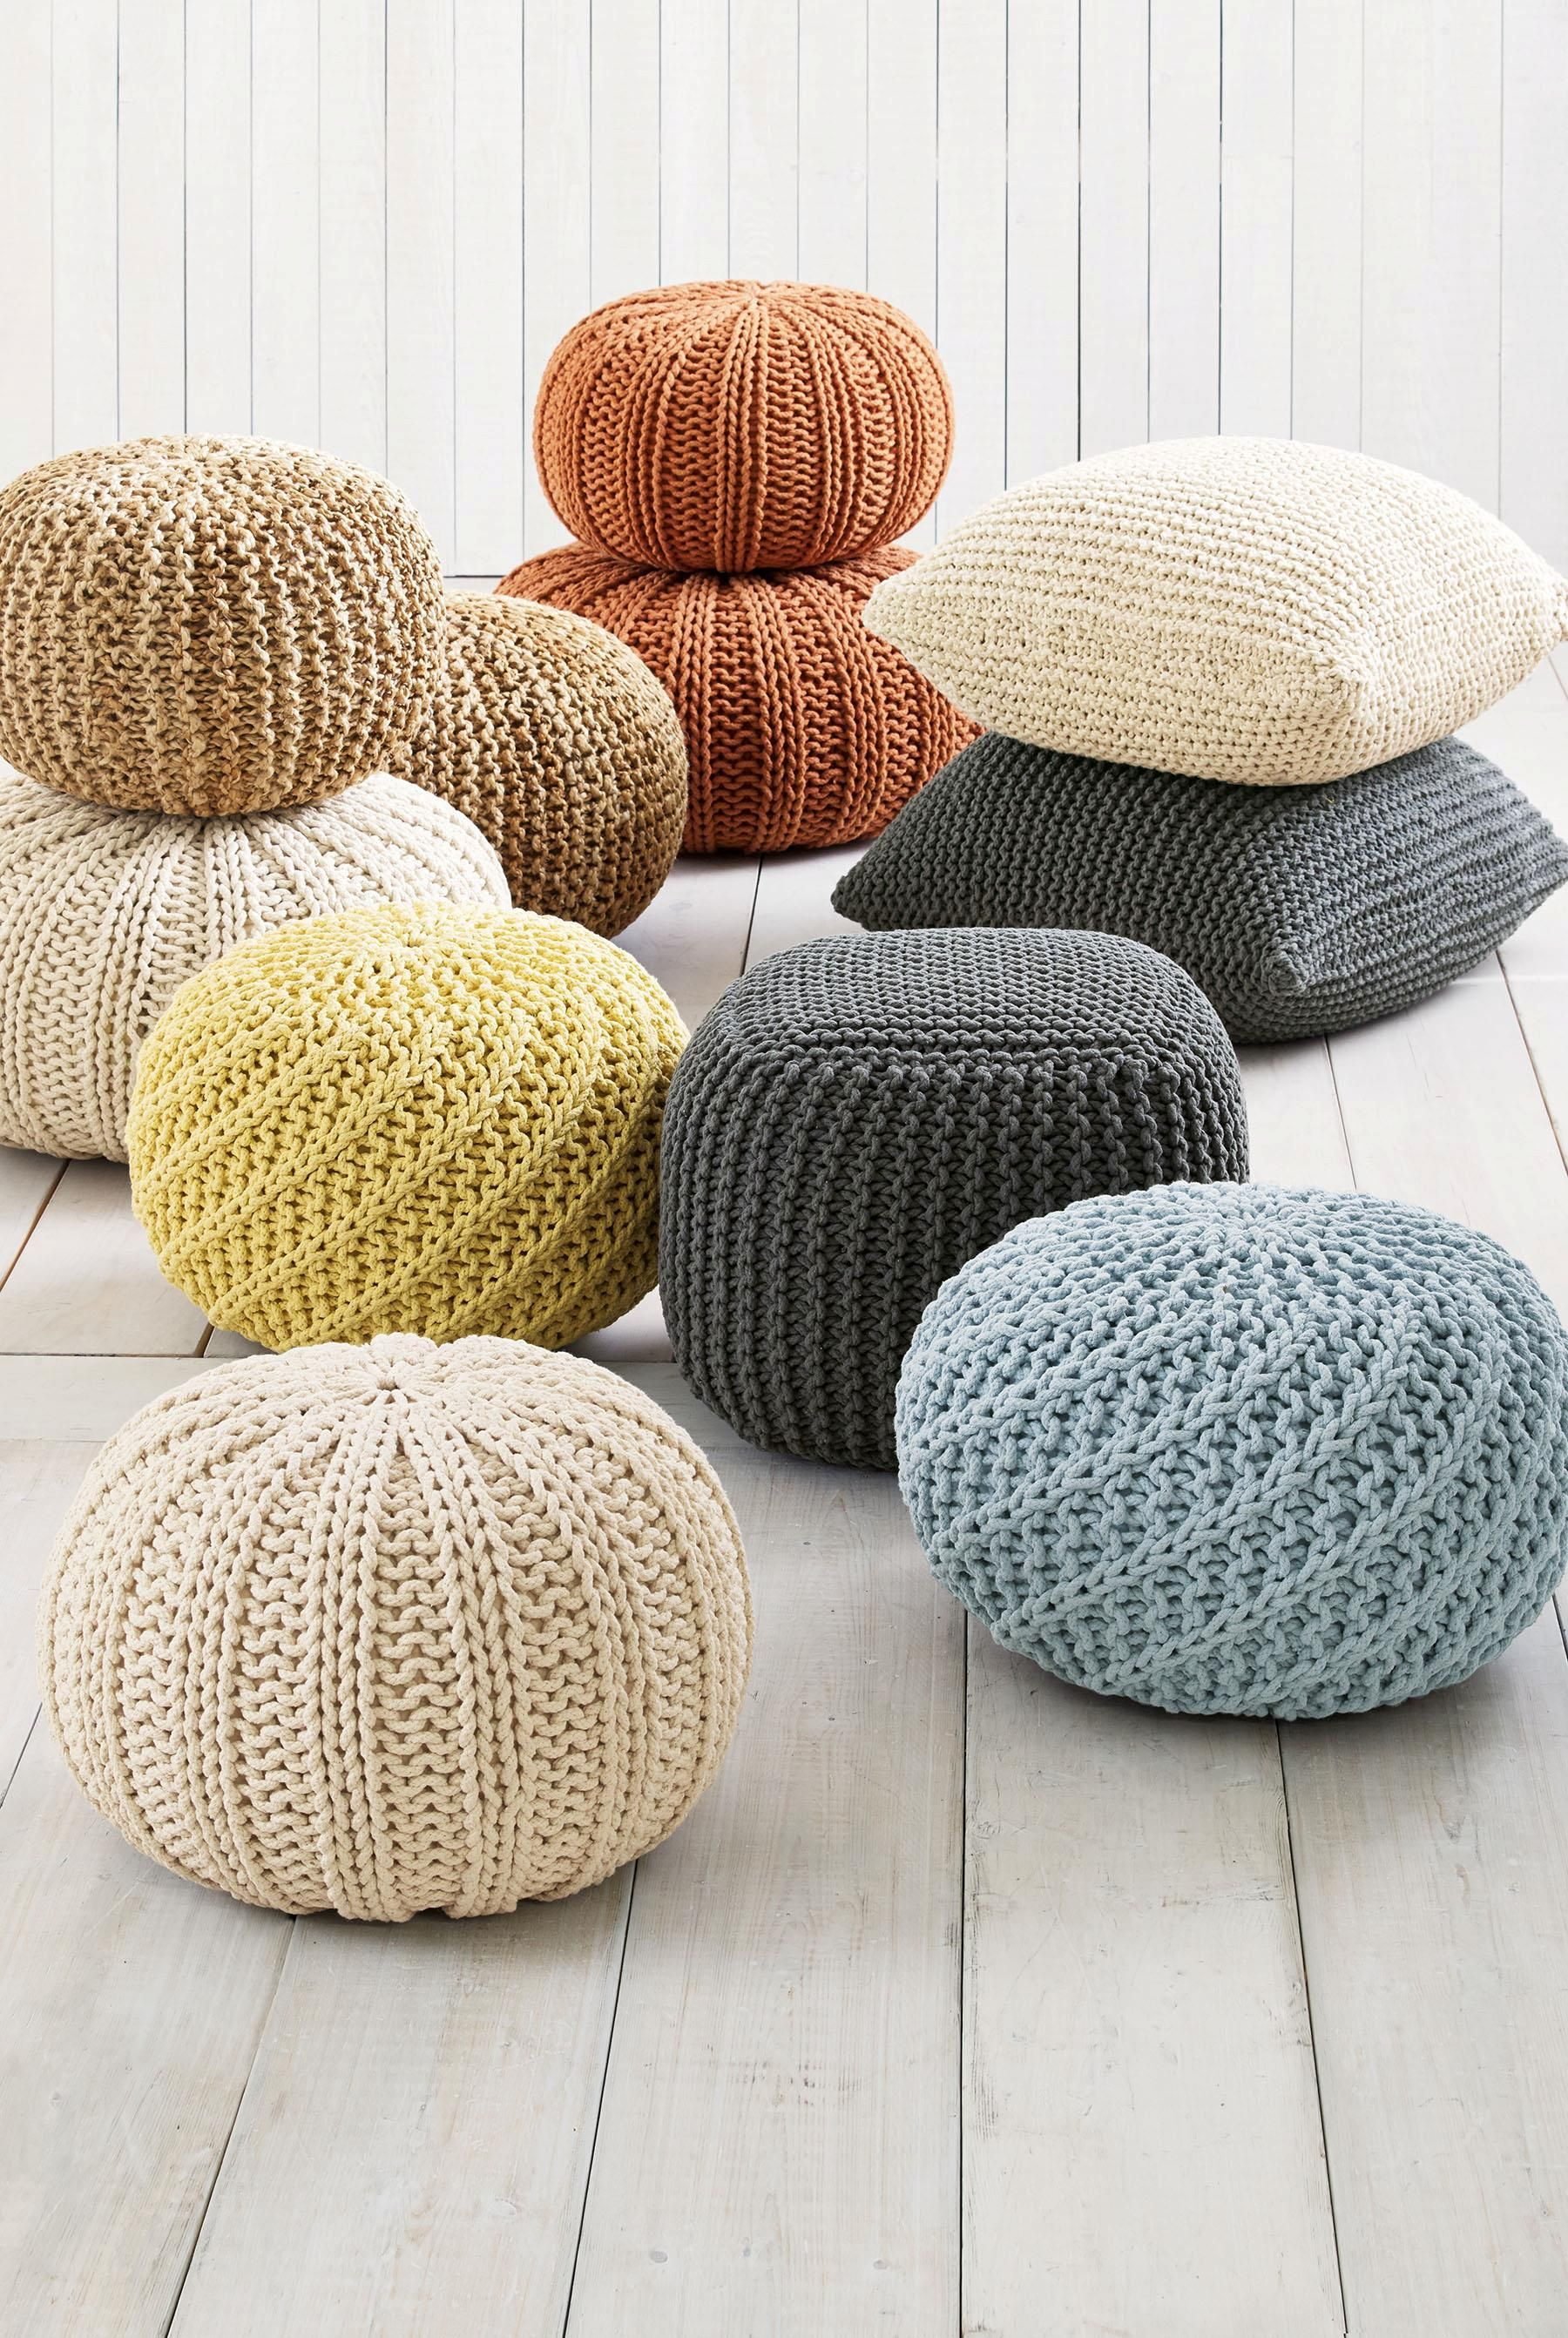 Knitted Pods By Next Home Pufe De Croche Puf De Trico Almofadas De Trico